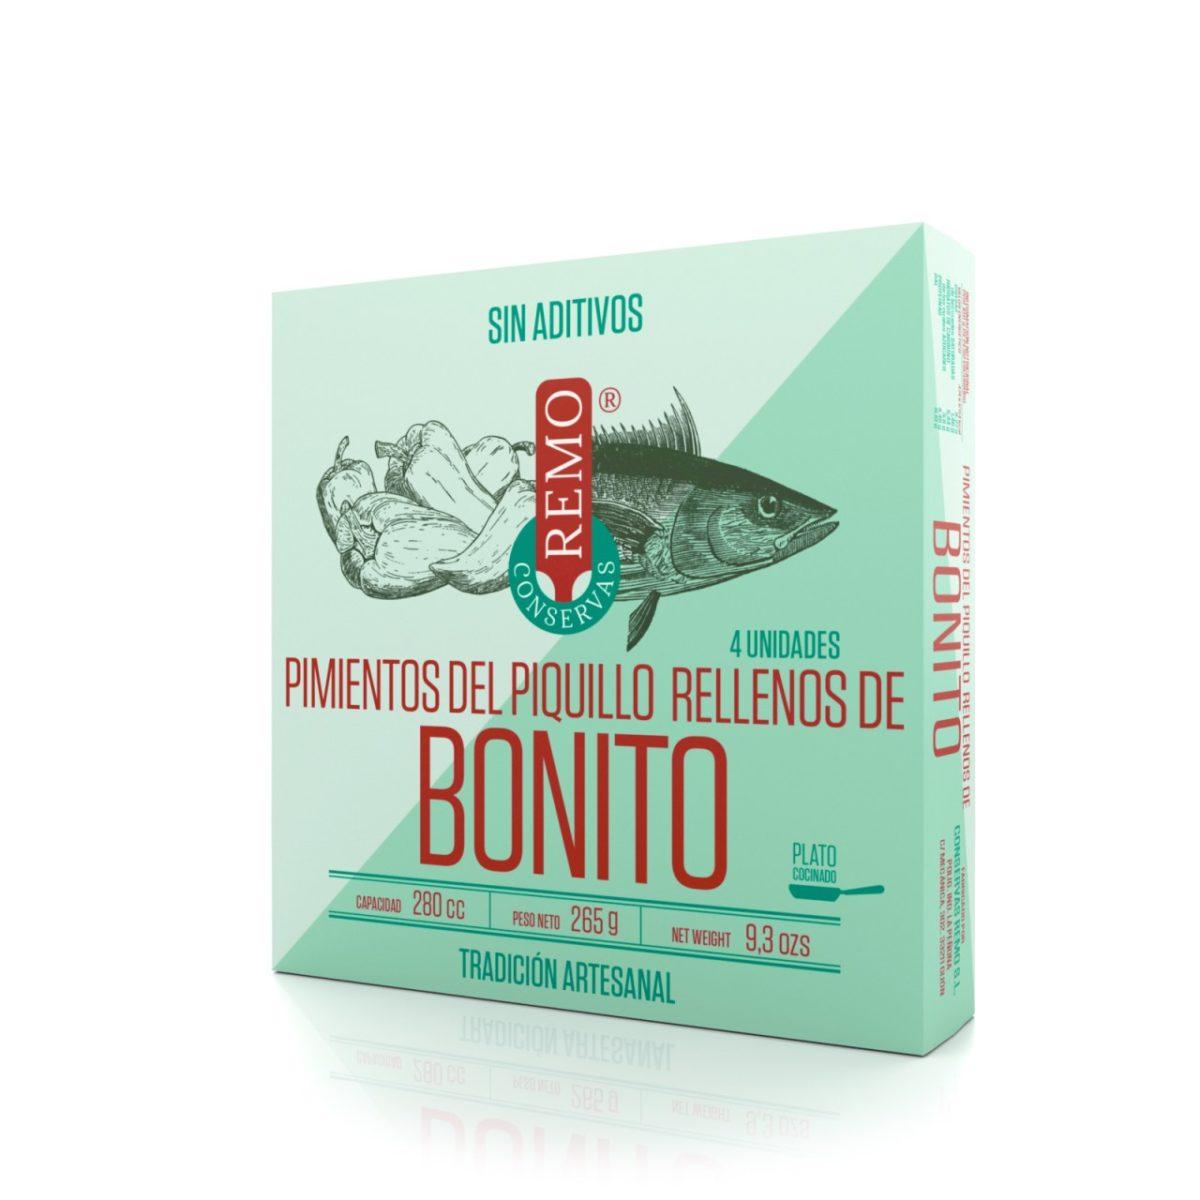 Pimientos del Piquillo rellenos de Bonito de Conservas Remo, Gorfolí tienda online de productos gourmet asturianos